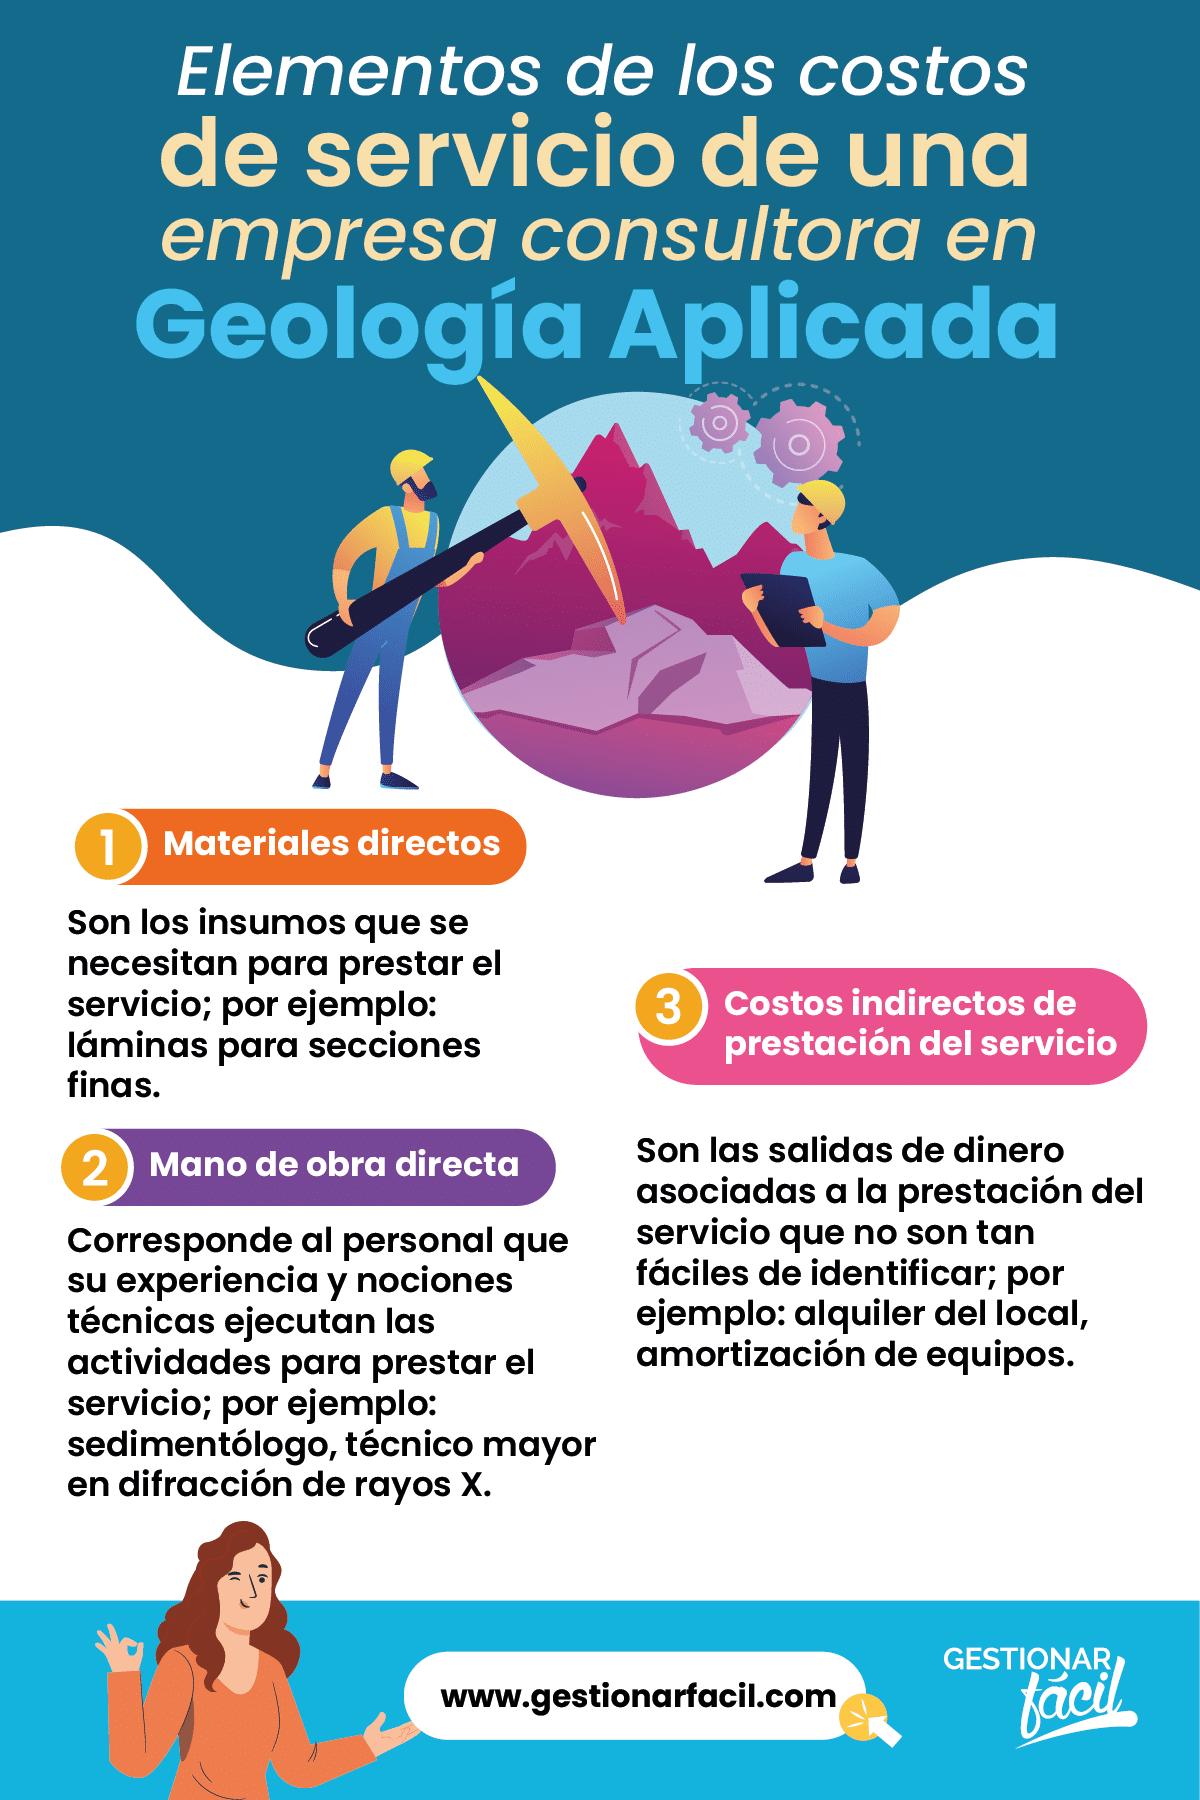 Elementos de los costos de servicio de una empresa consultora en Geología Aplicada